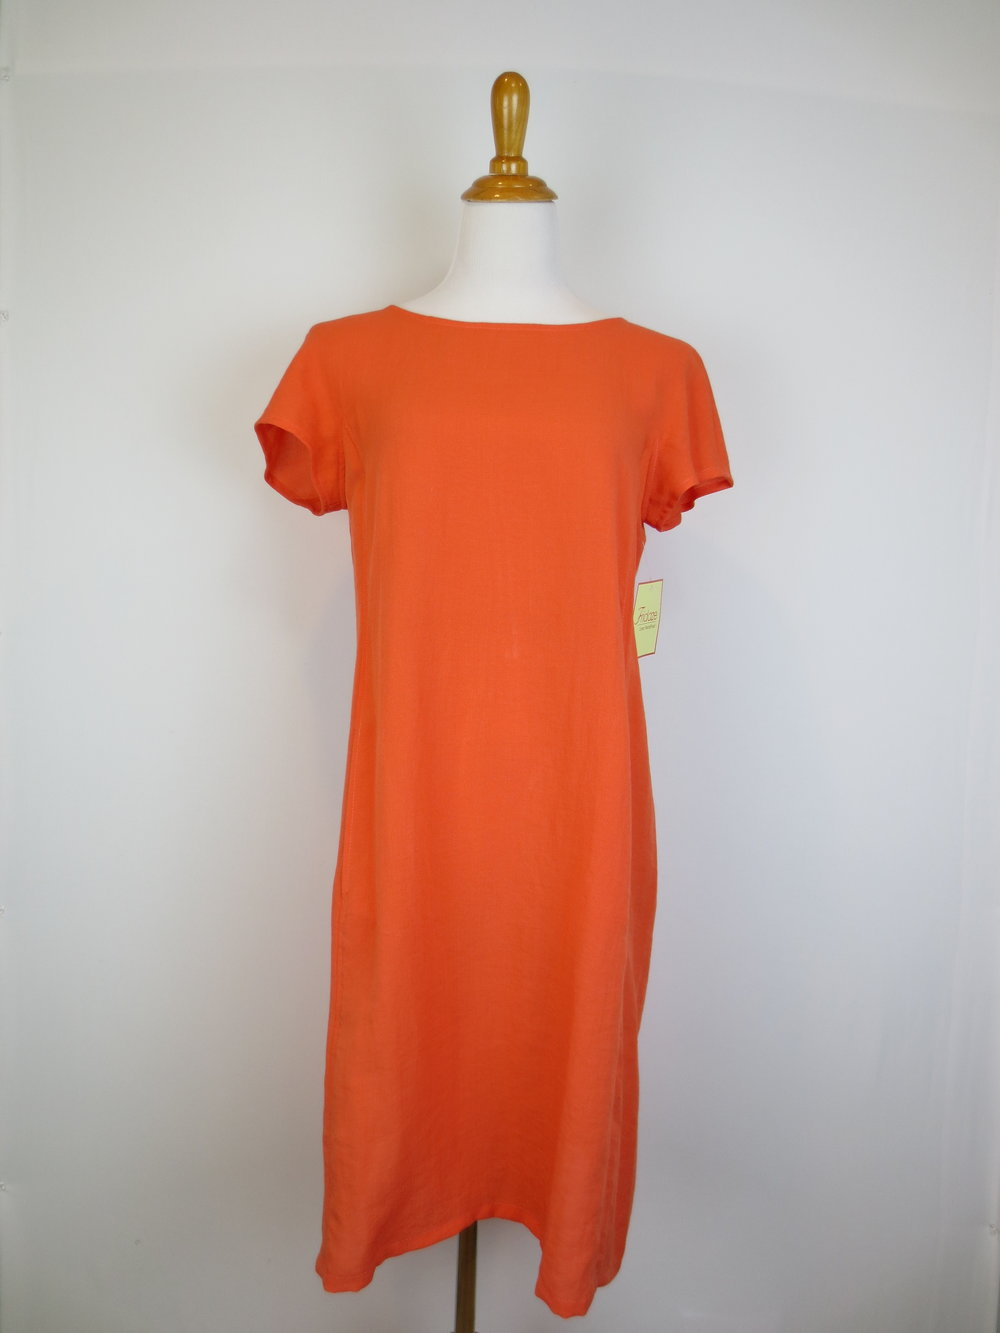 AAD199-Tangerine.JPG